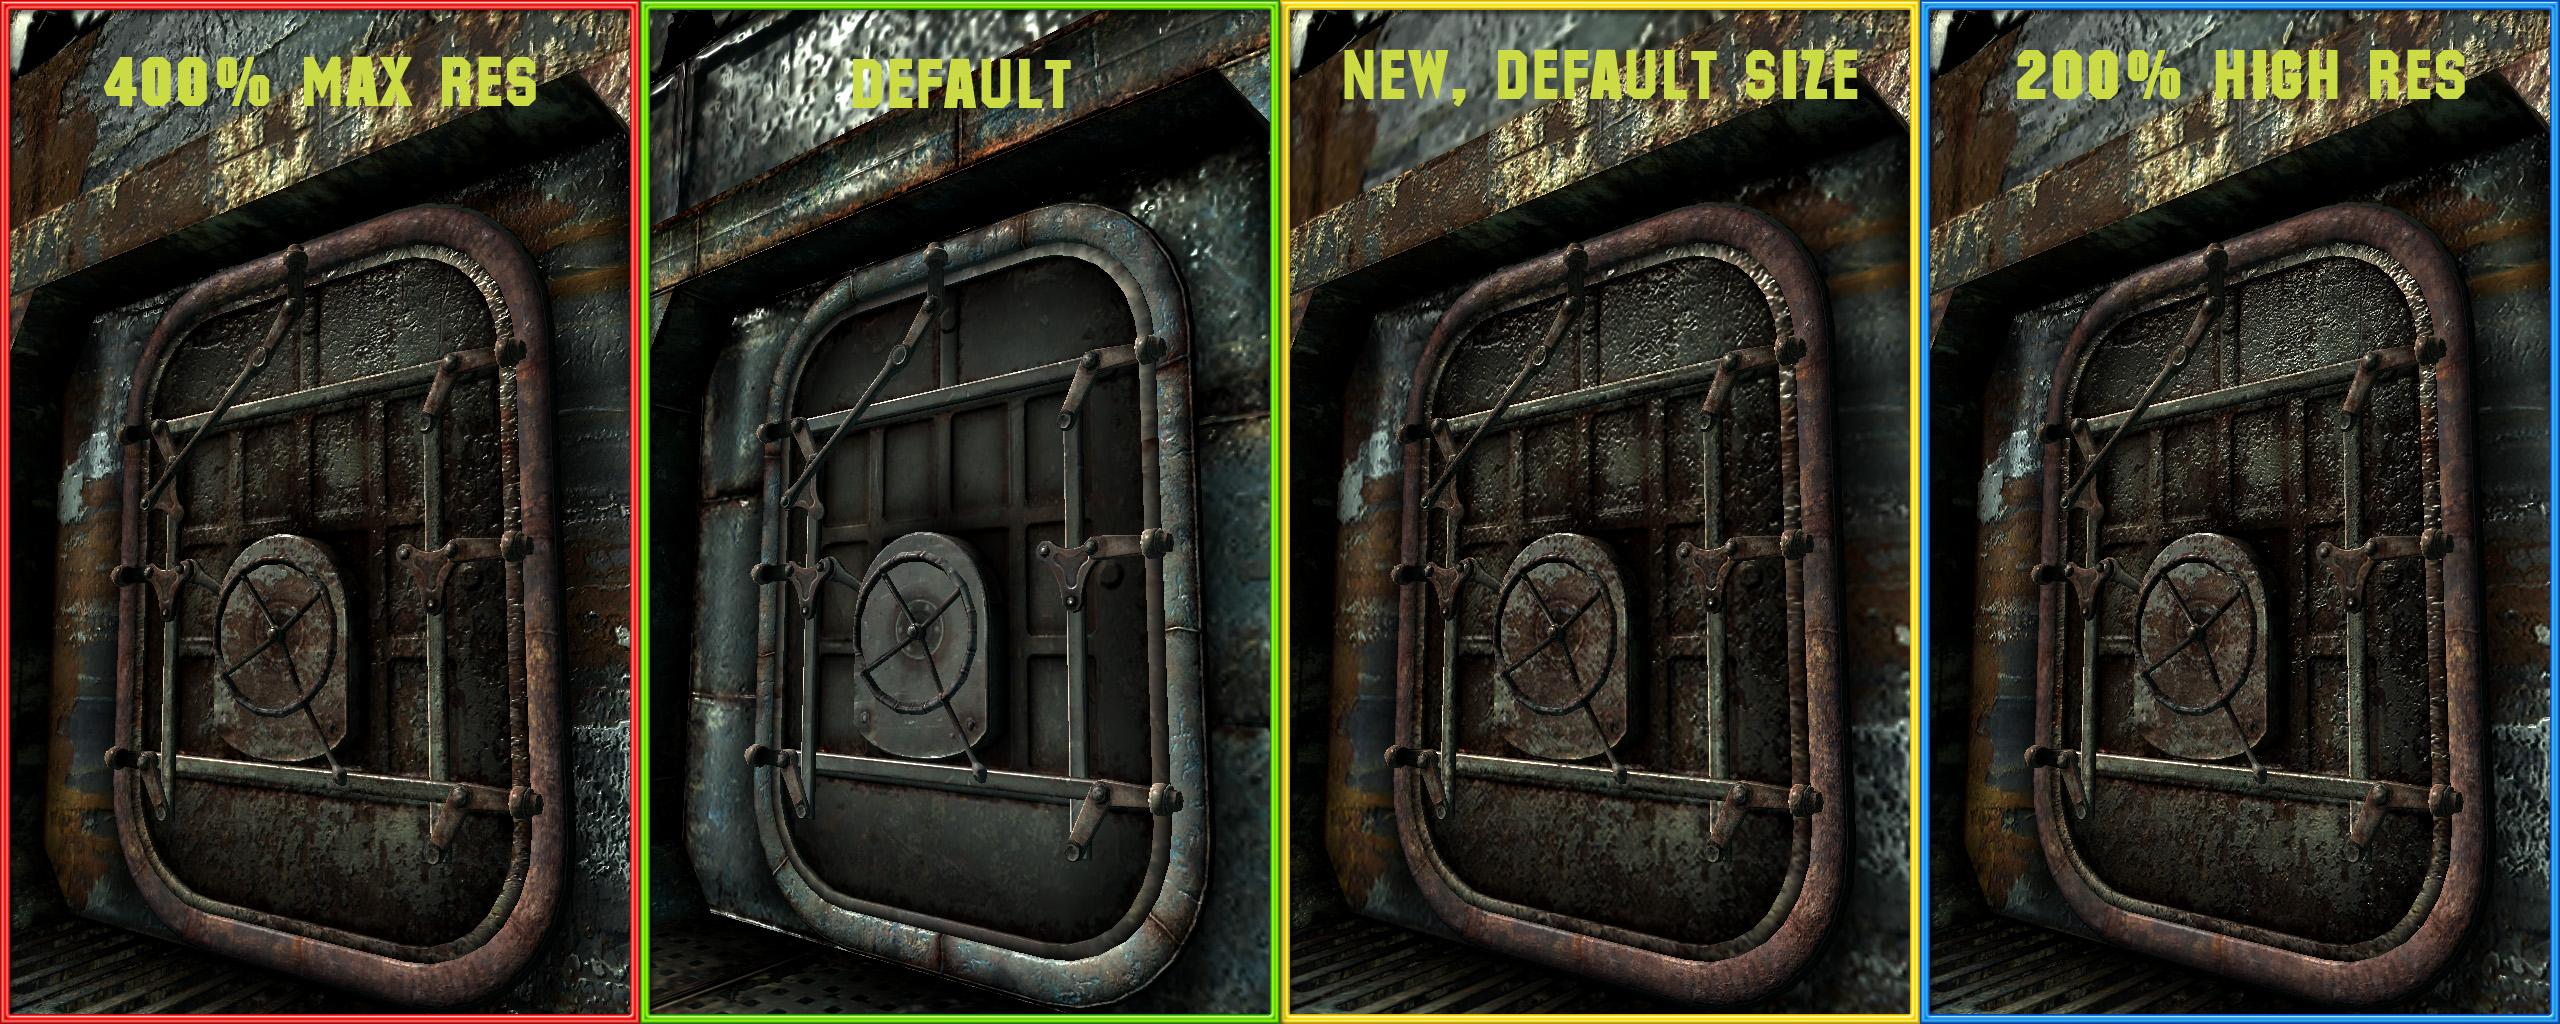 Rivet City Texture Pack для Fallout 3 - Моды